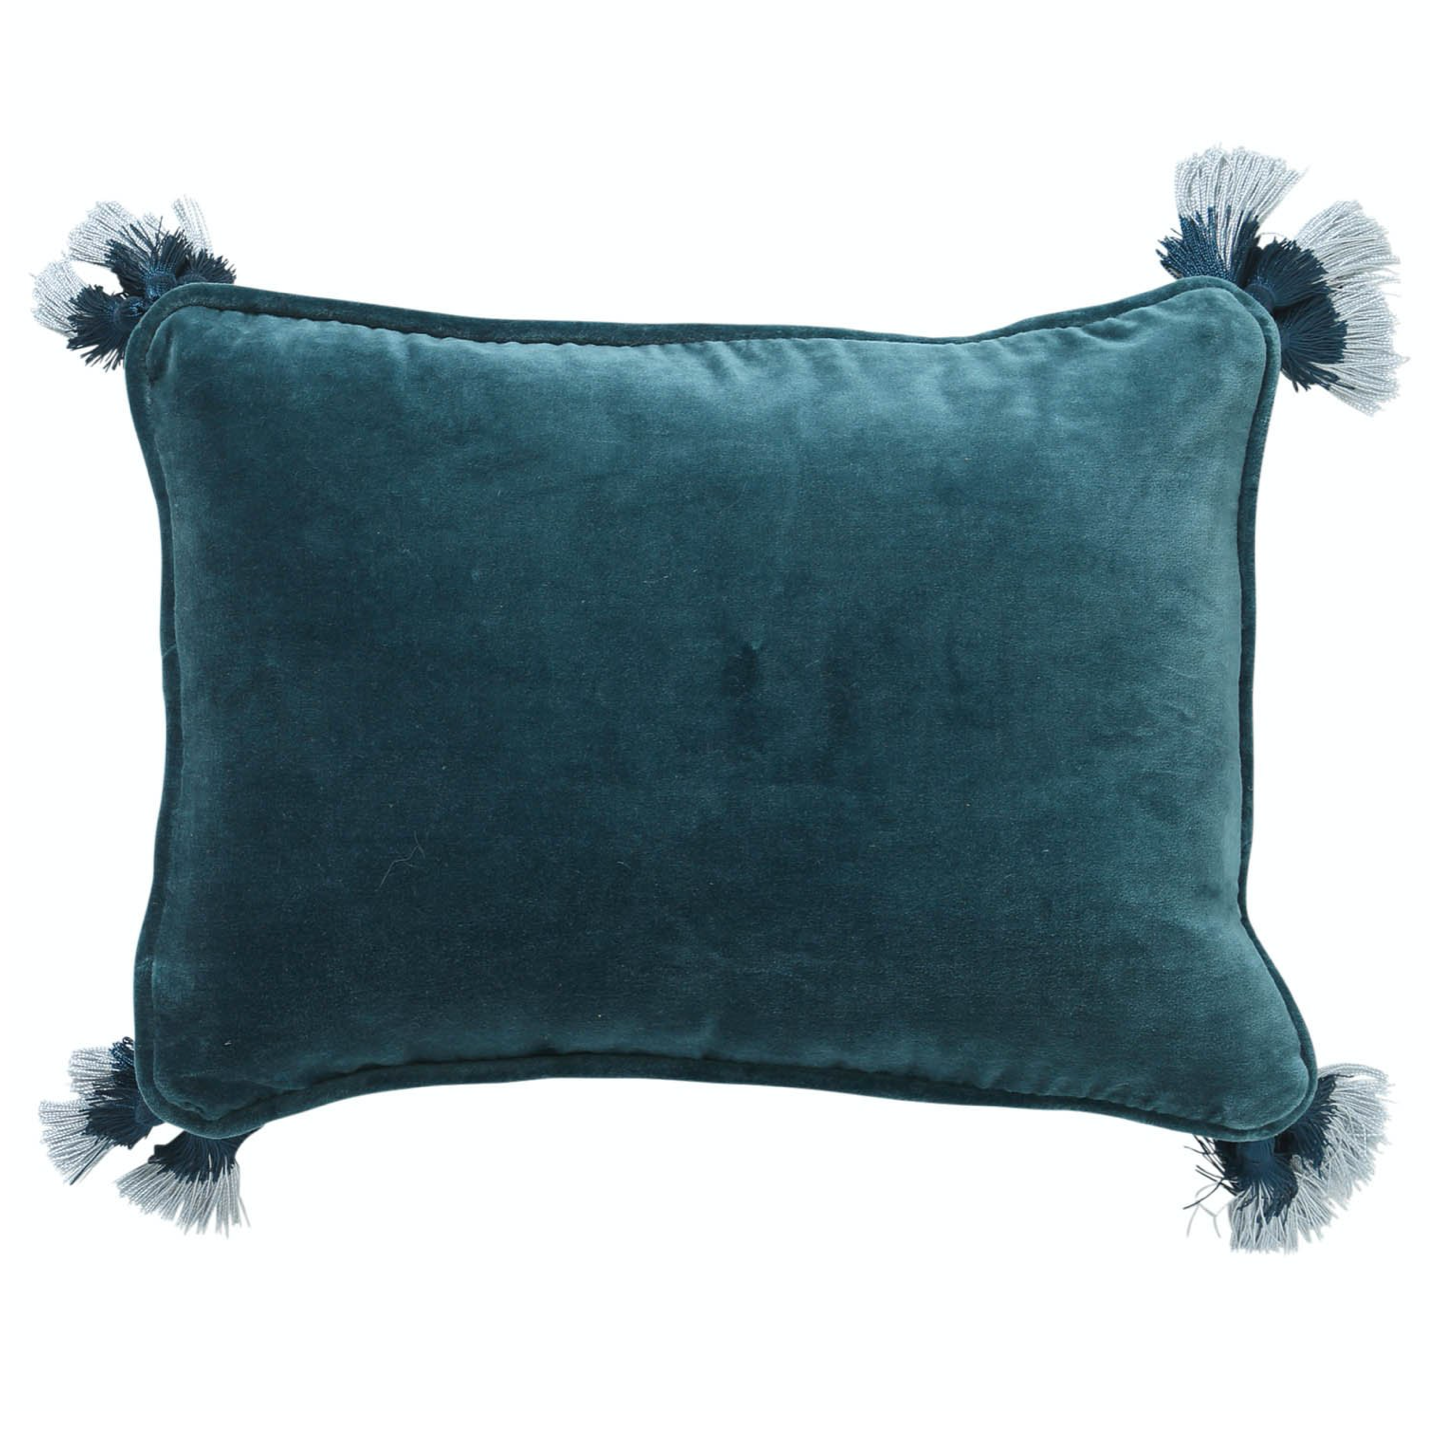 Velvet Souk Cushion - Green Sea